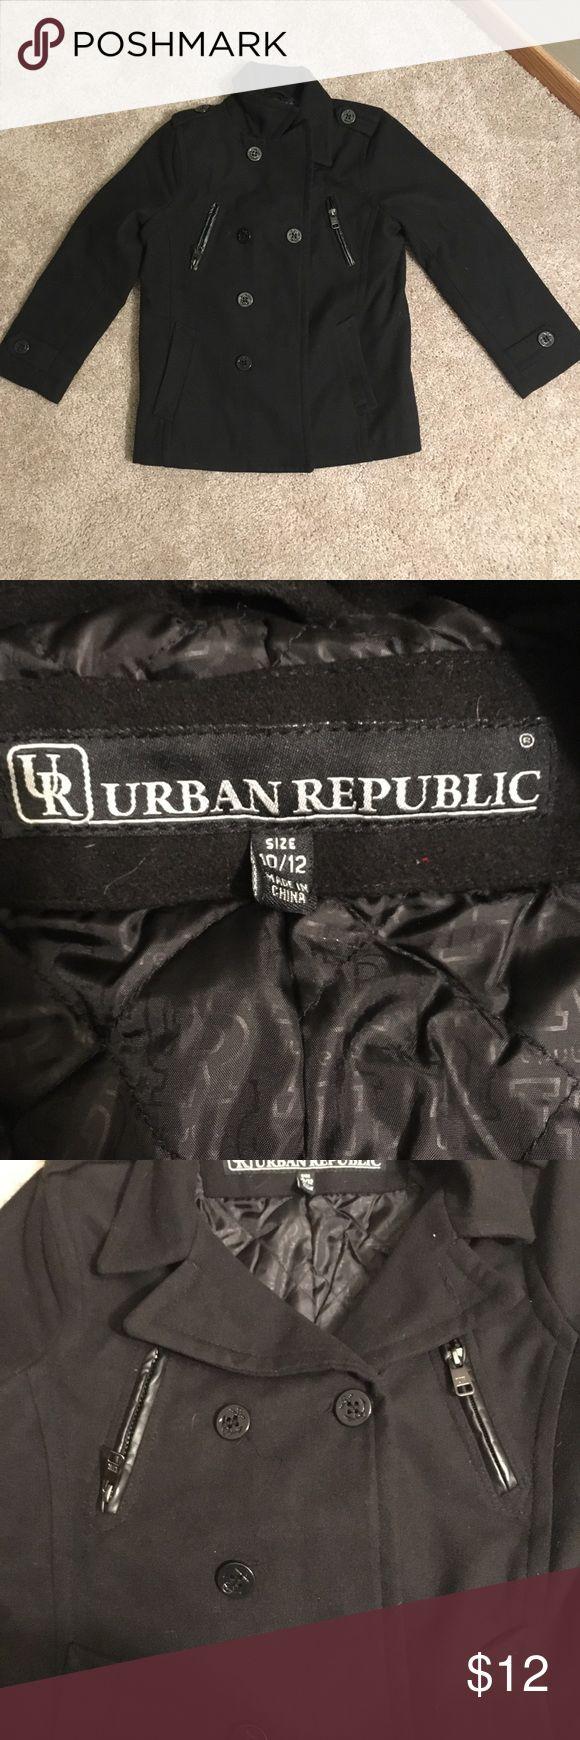 Boys black pea coat Black pea coat, sz 10/12, like new condition Urban Republic Jackets & Coats Pea Coats